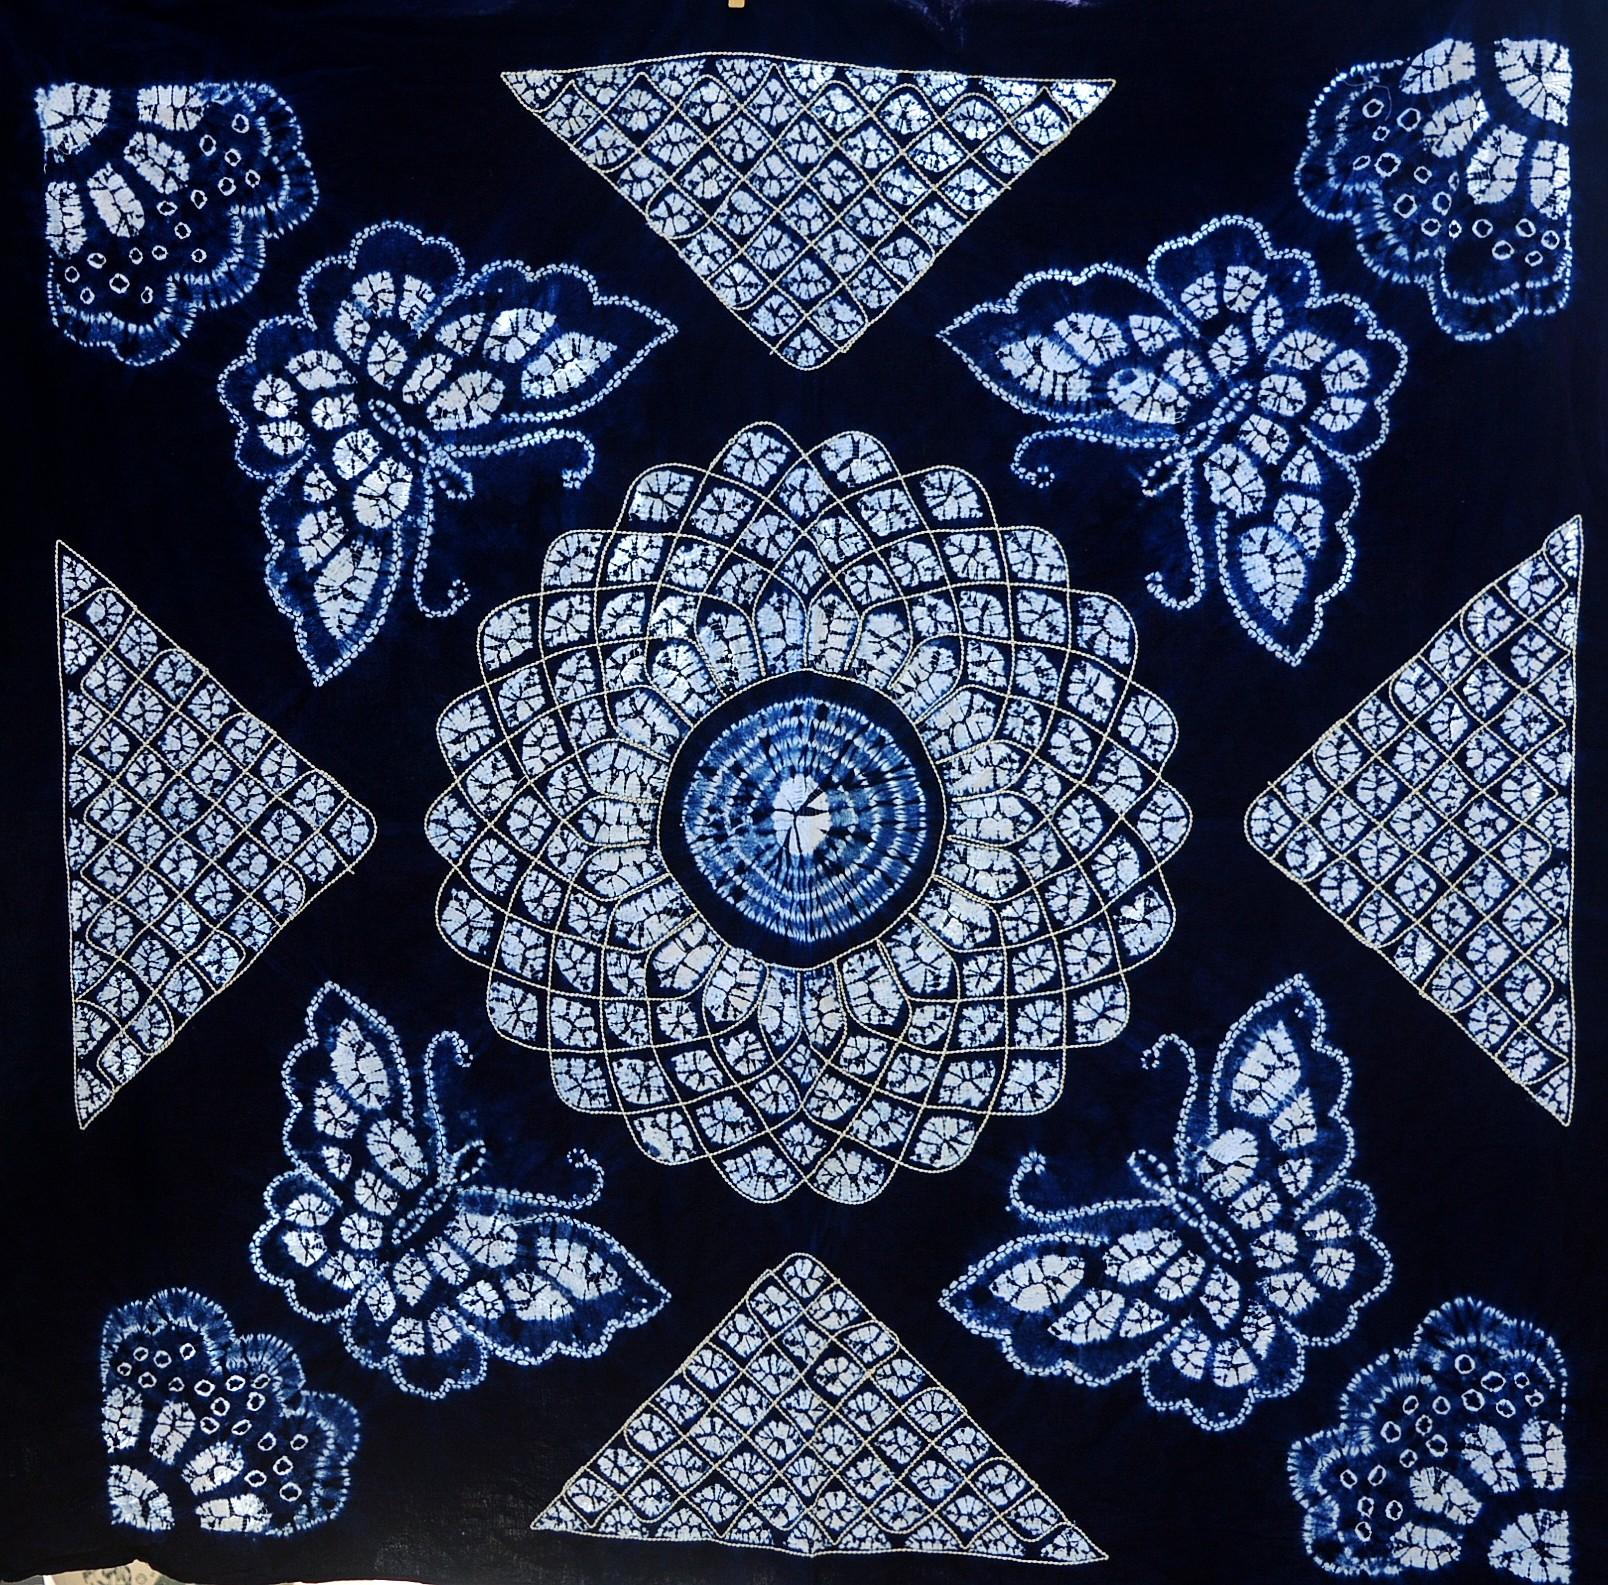 云南大理白族手工扎染桌布壁挂民族风礼物装饰1.5m*1.5m多种图案